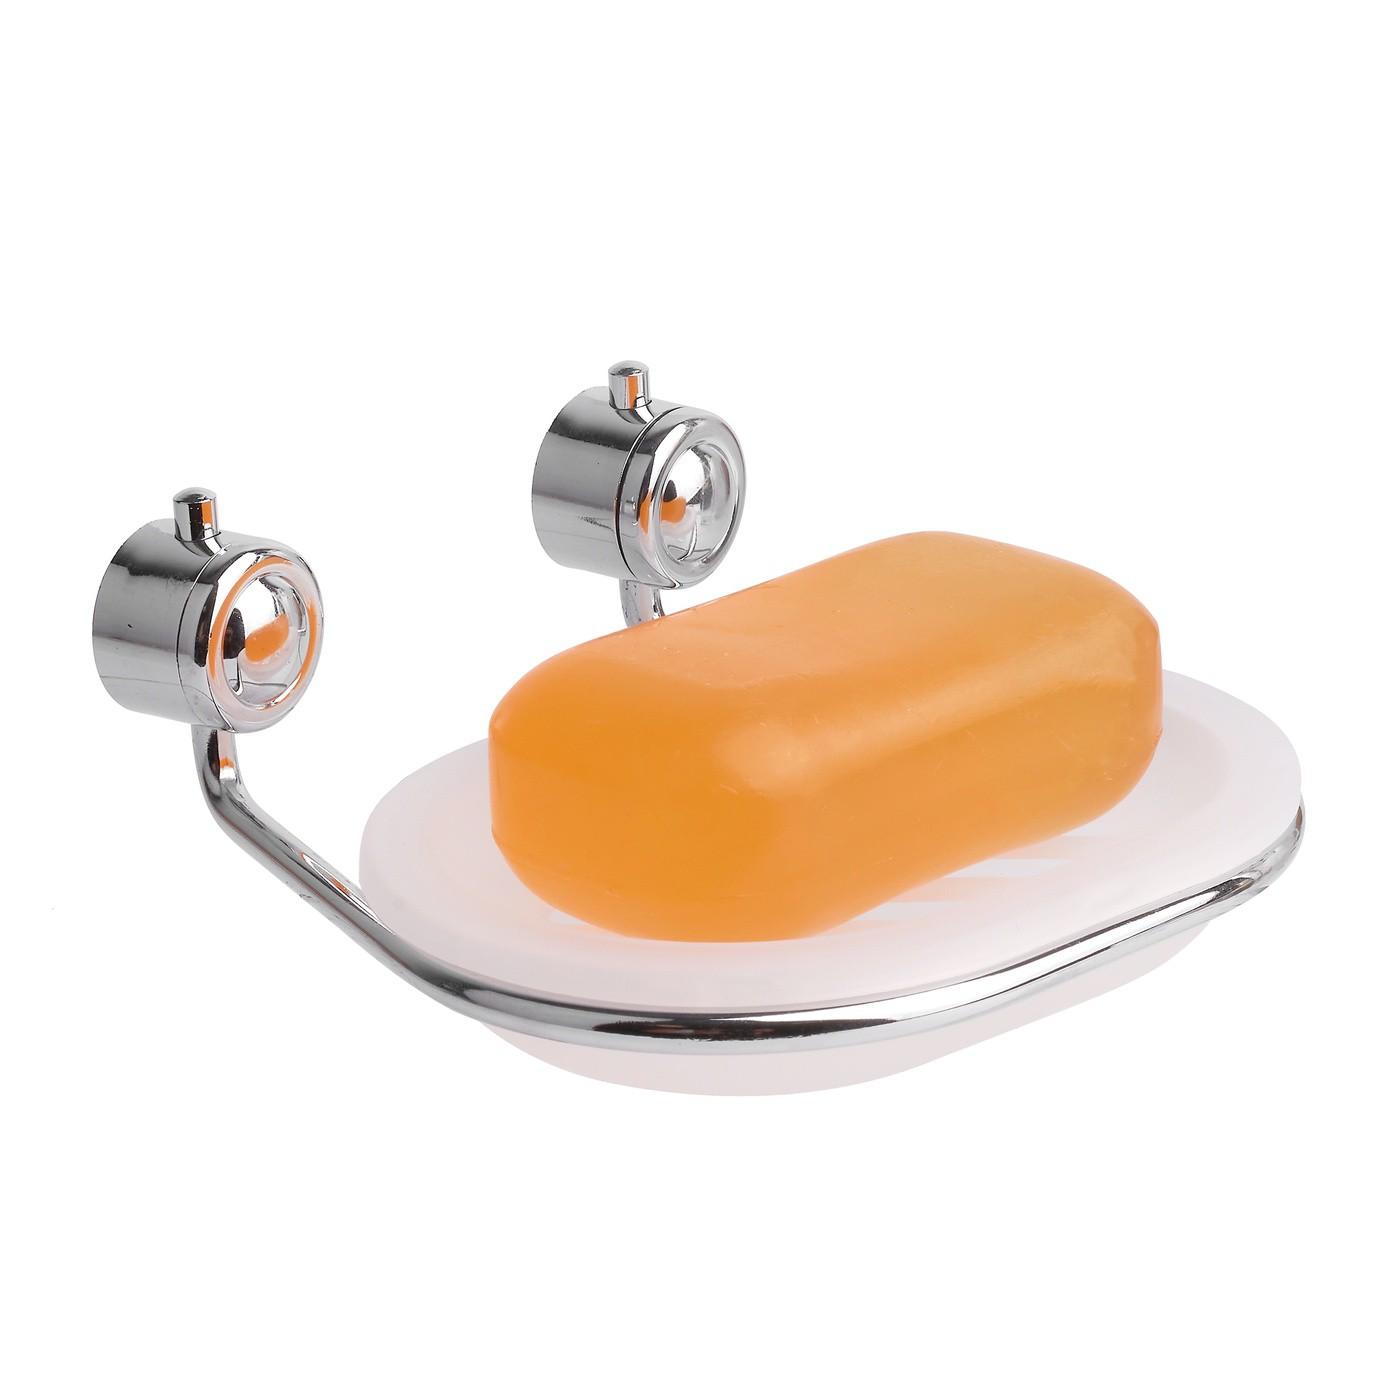 Držiak na mydlo s odkvapkávačom 13,5 x 12,5 x 5 cm priehľadný megamix.sk